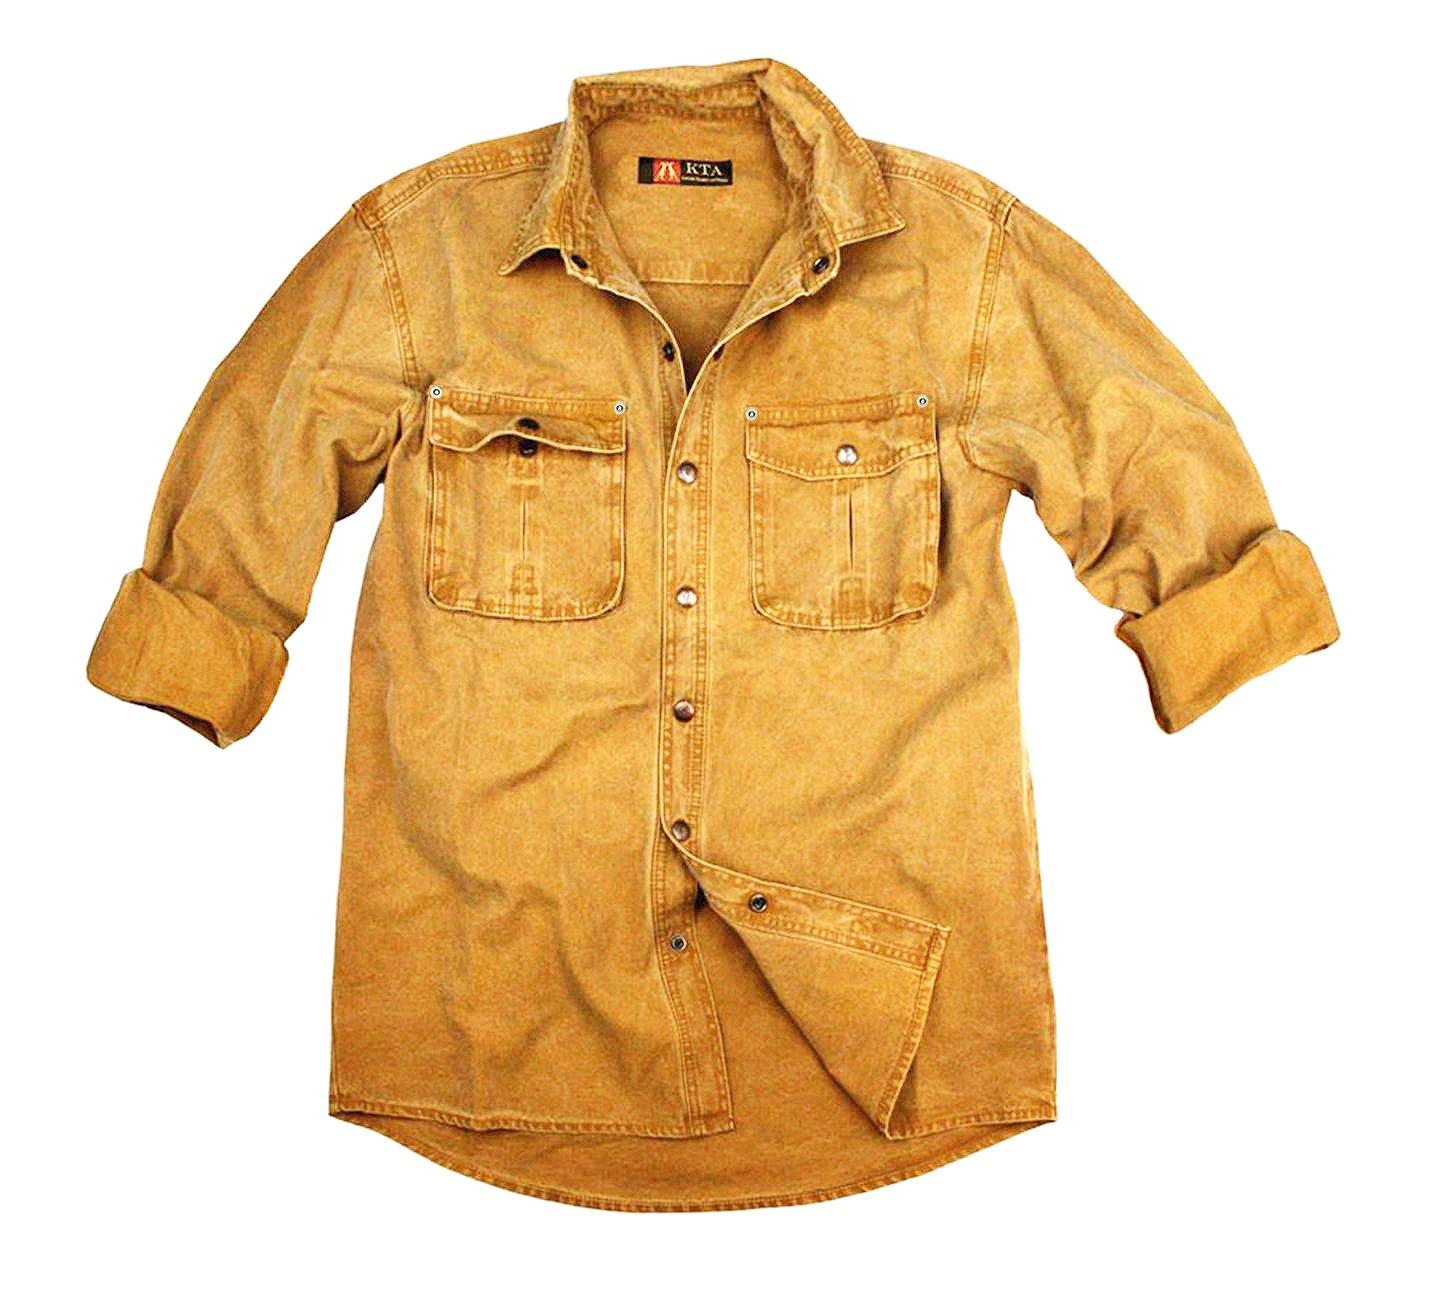 Kakadu Traders Australia Robustes Outdoor Herrenhemd Overshirt in braun, blau und Mustard, Langarm- Shirt